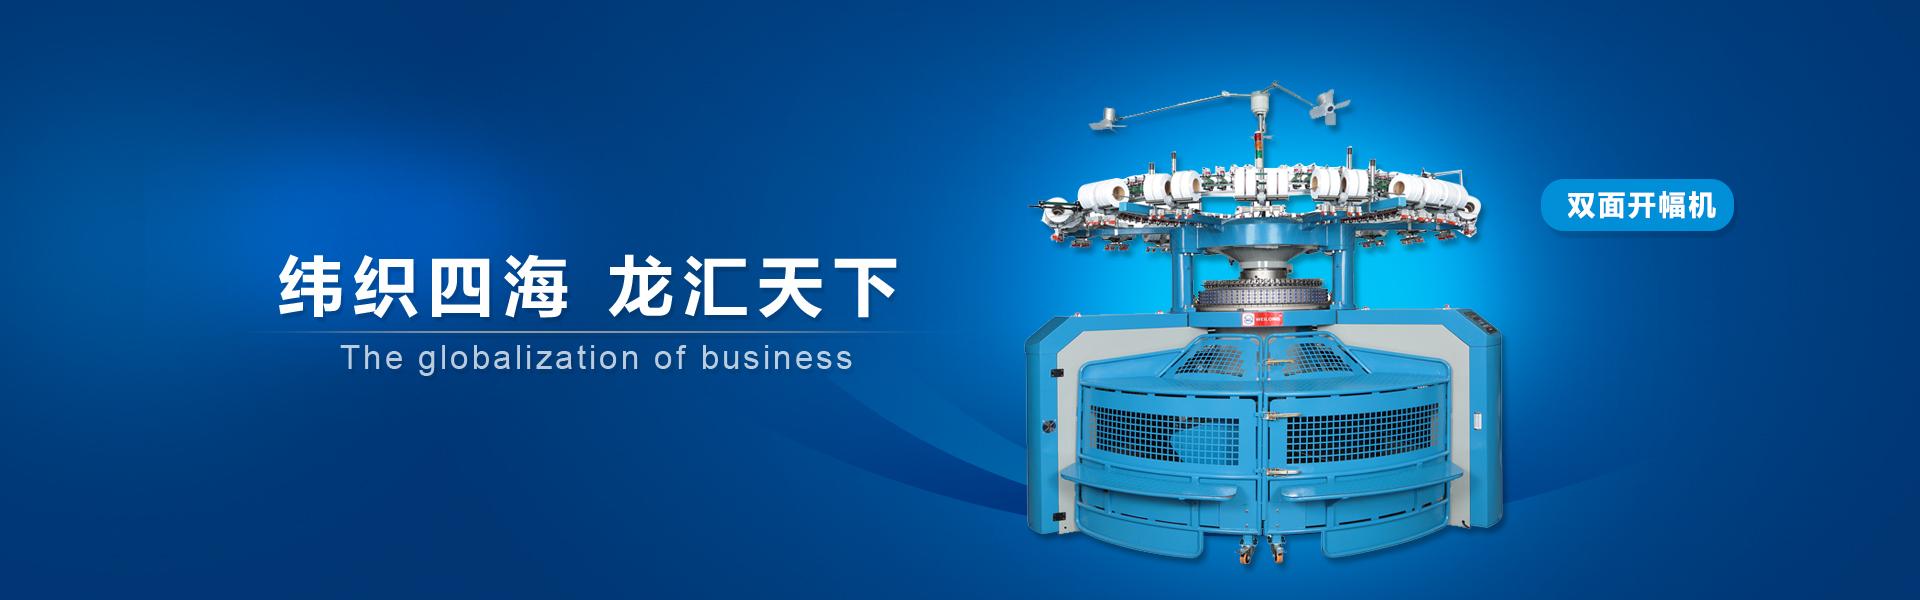 泉州市纬龙针织机械有限公司